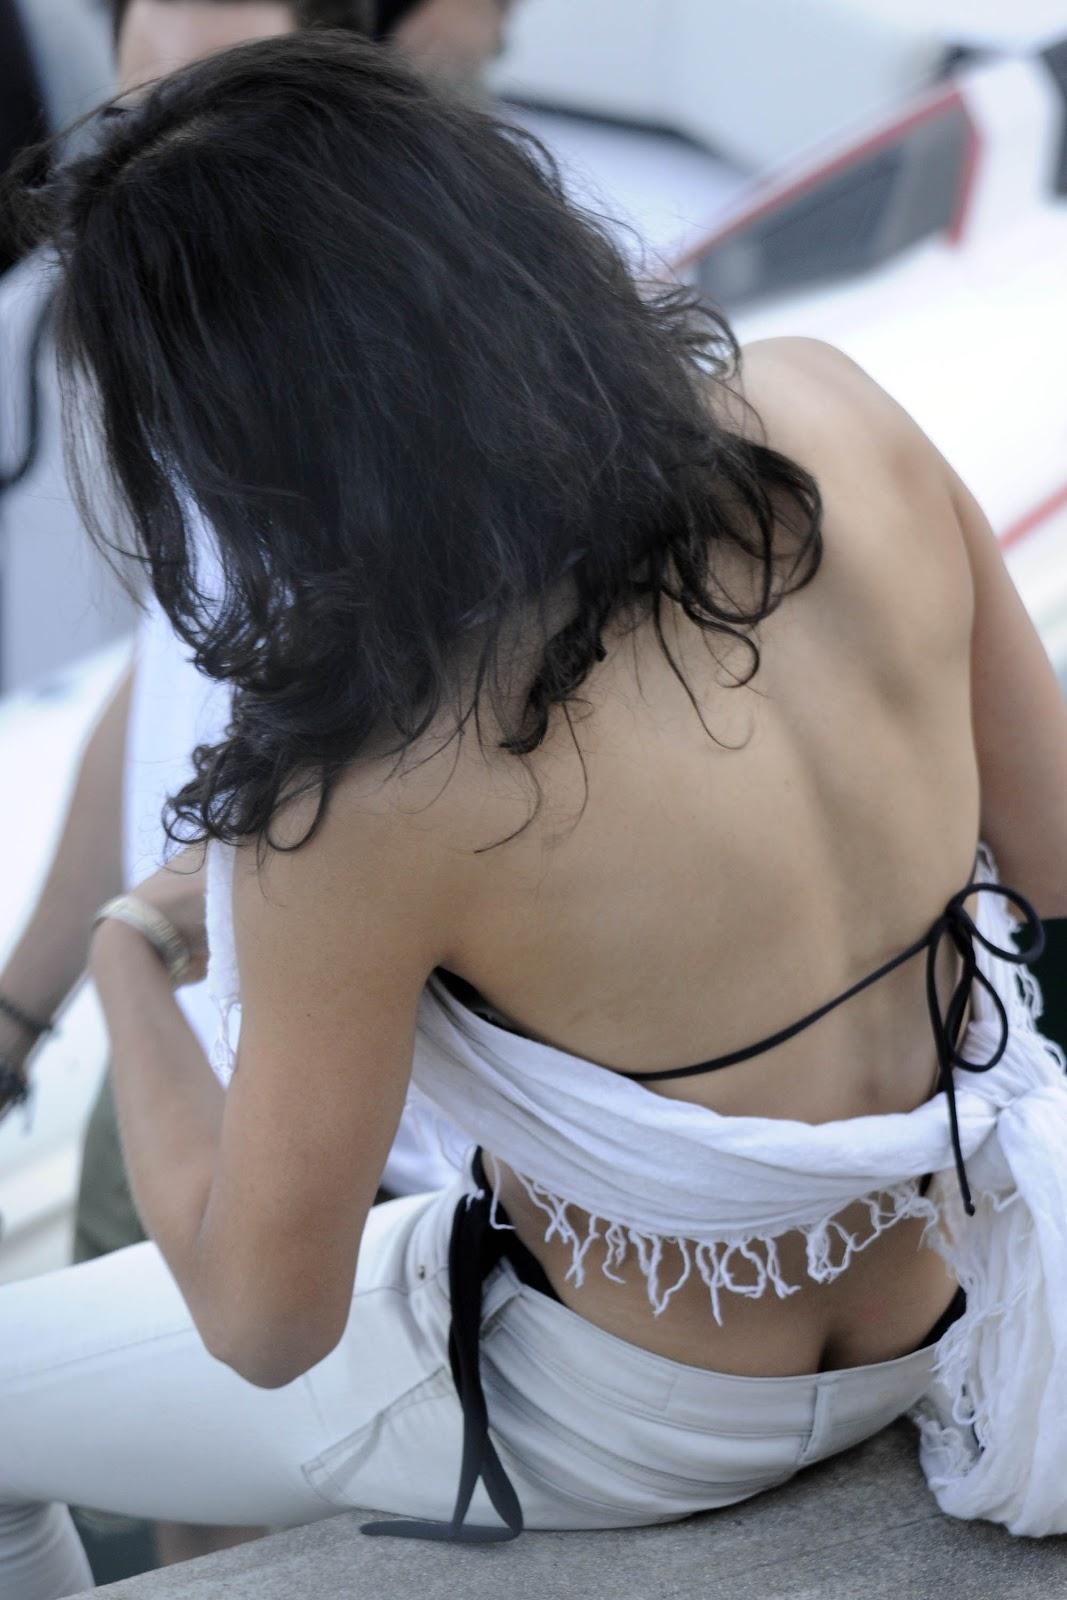 Nikki bella nude fake